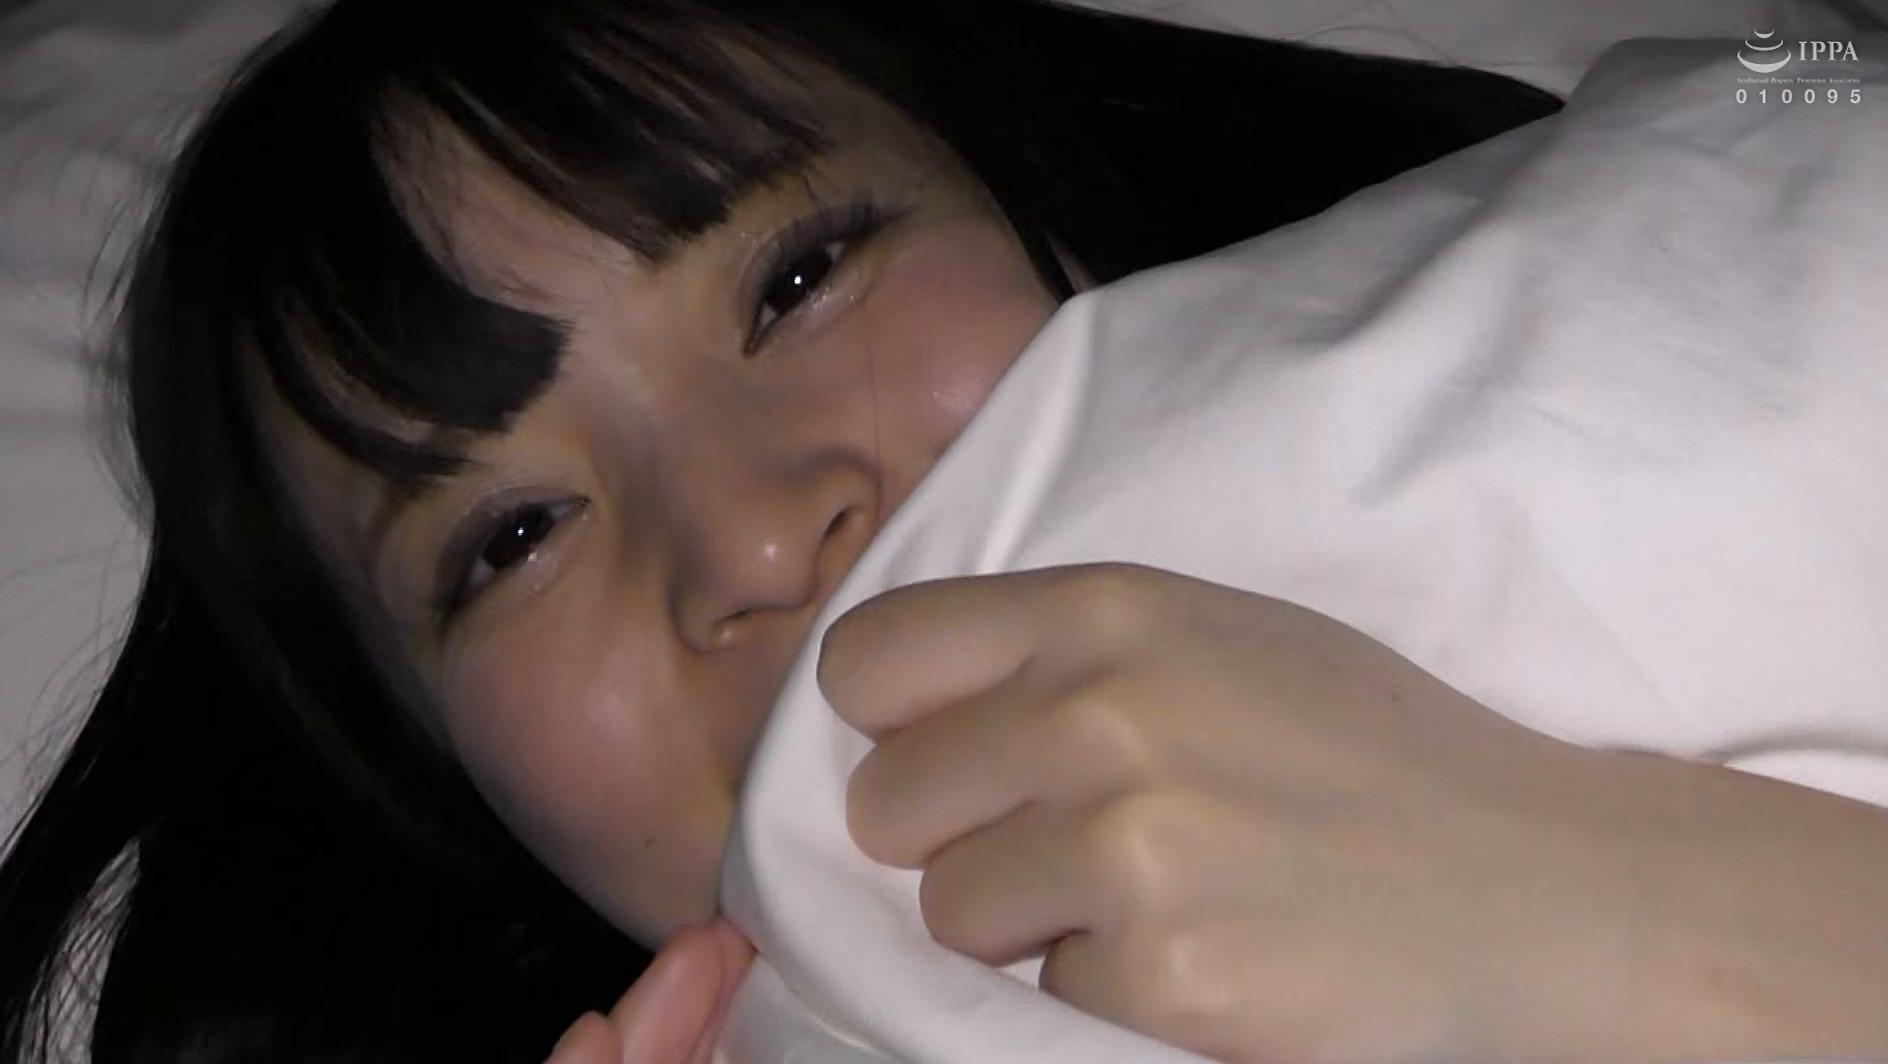 【衝撃リア凸・巨乳J○】合宿中の女子部屋 忍び込んでみたwwwついでにチ●コも凸してみた。【美巨乳少女と声我慢SEX】 画像20